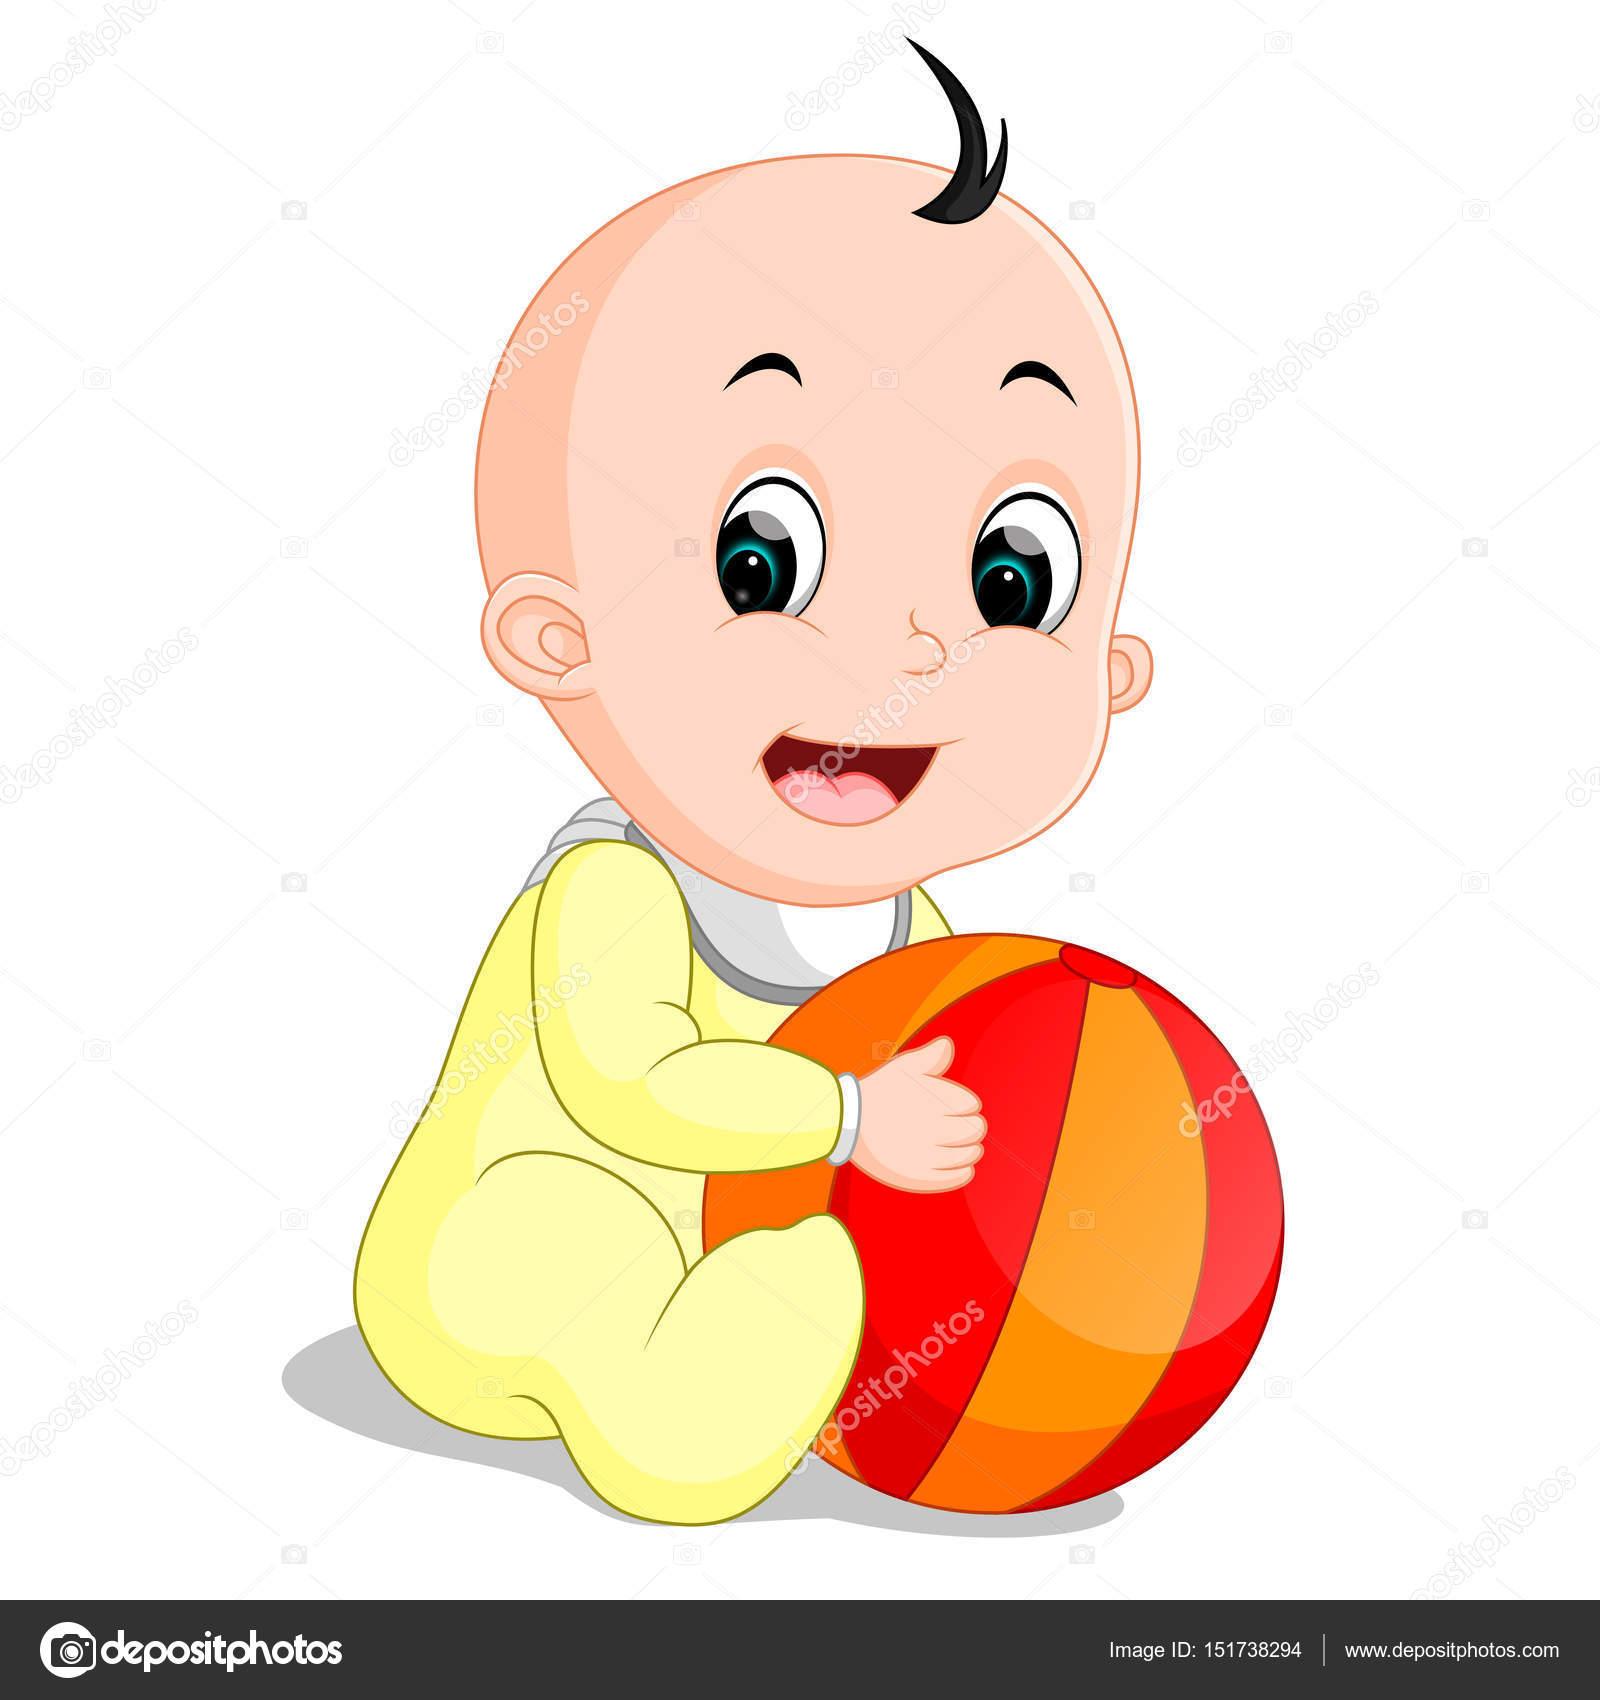 imagens de desenho de bebe gatinhando colorido